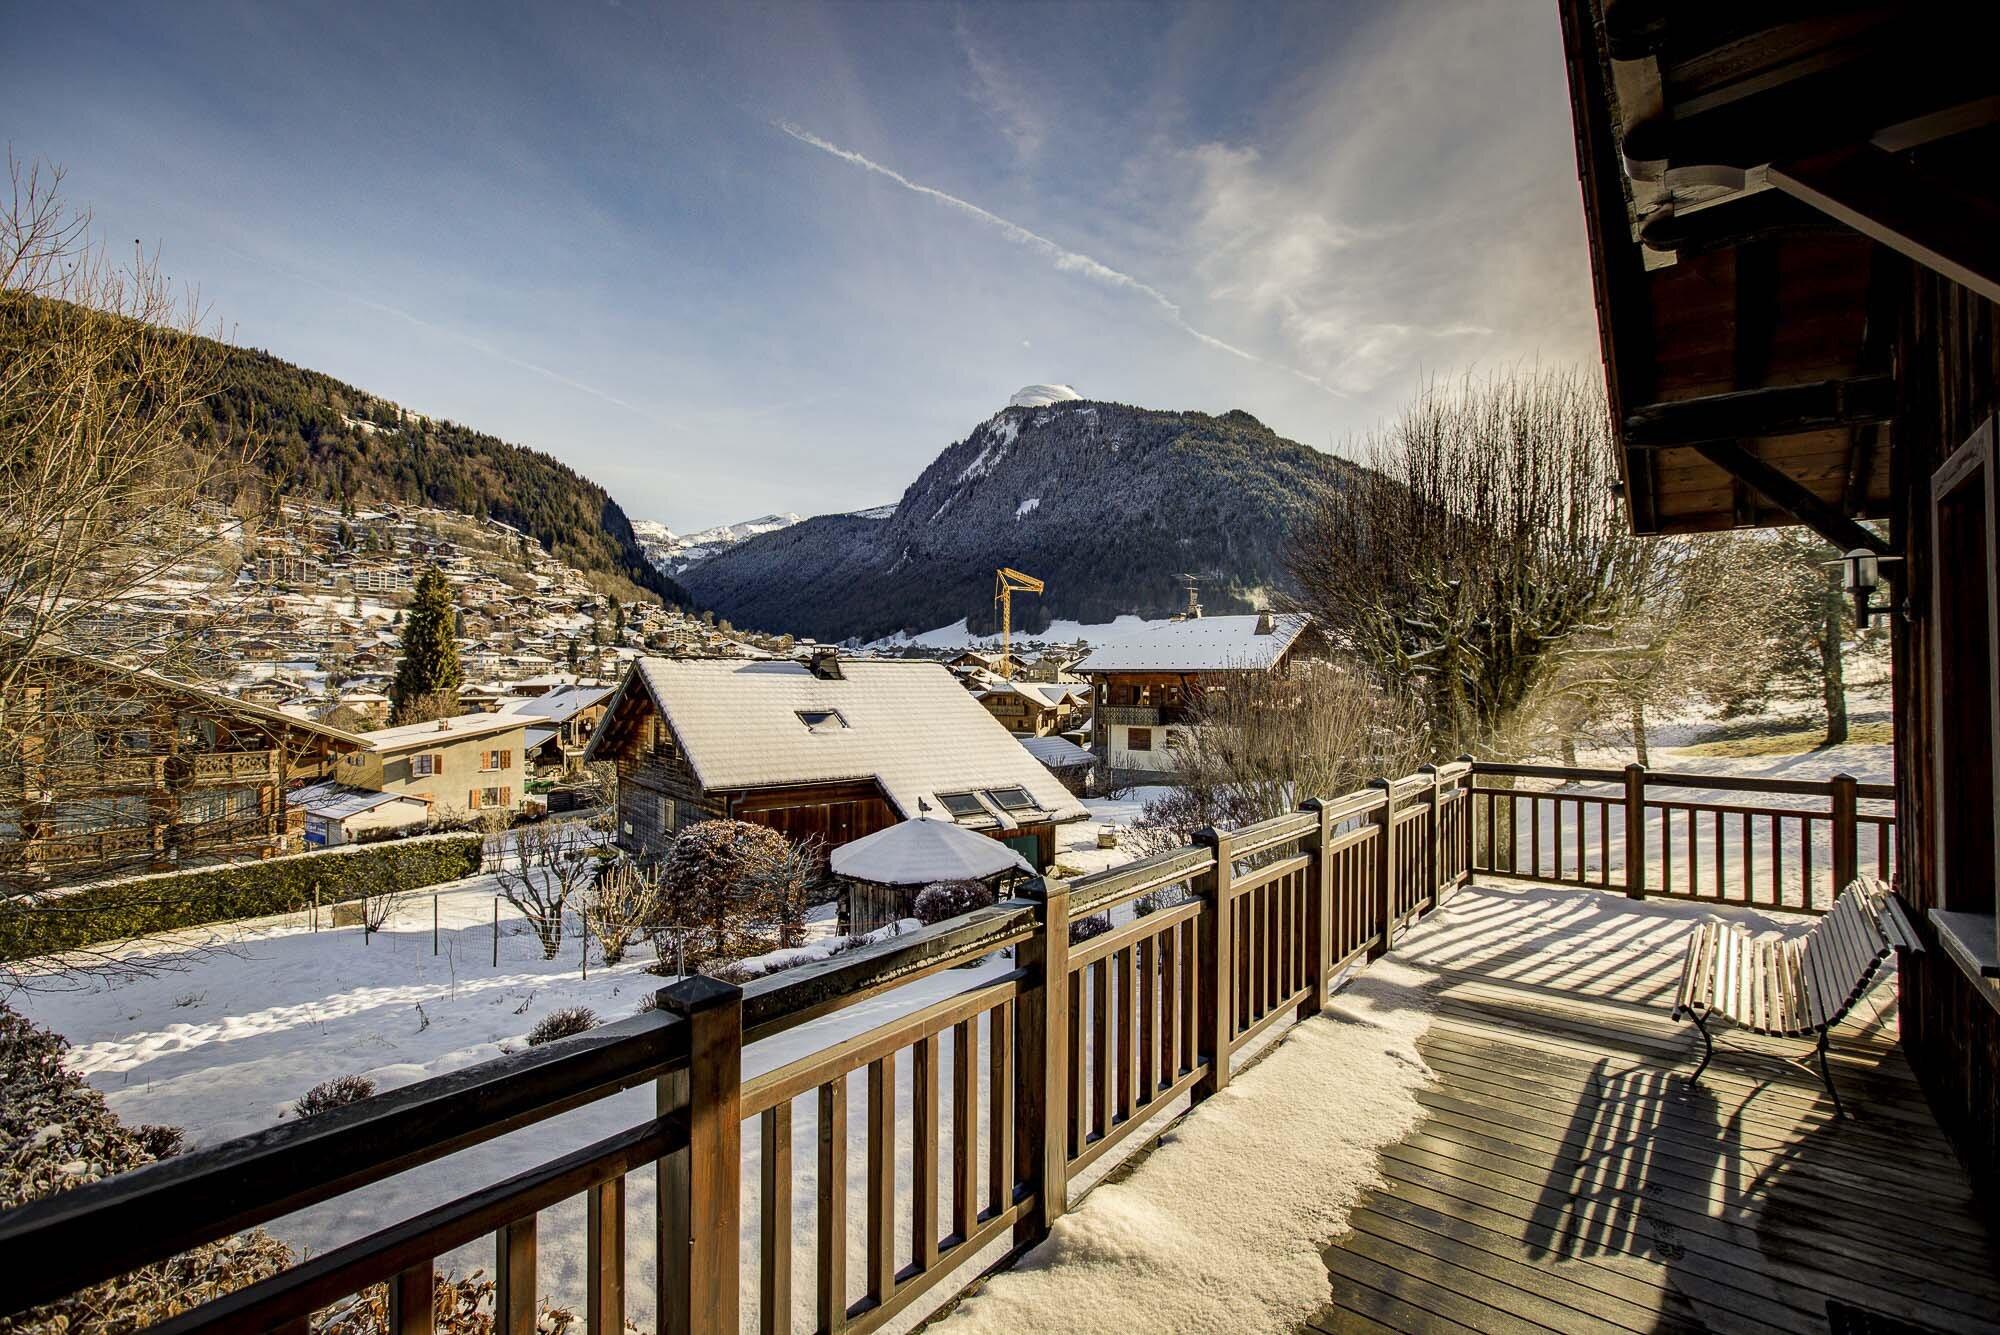 tg-ski-chalet-du-bois-morzine-001.jpg